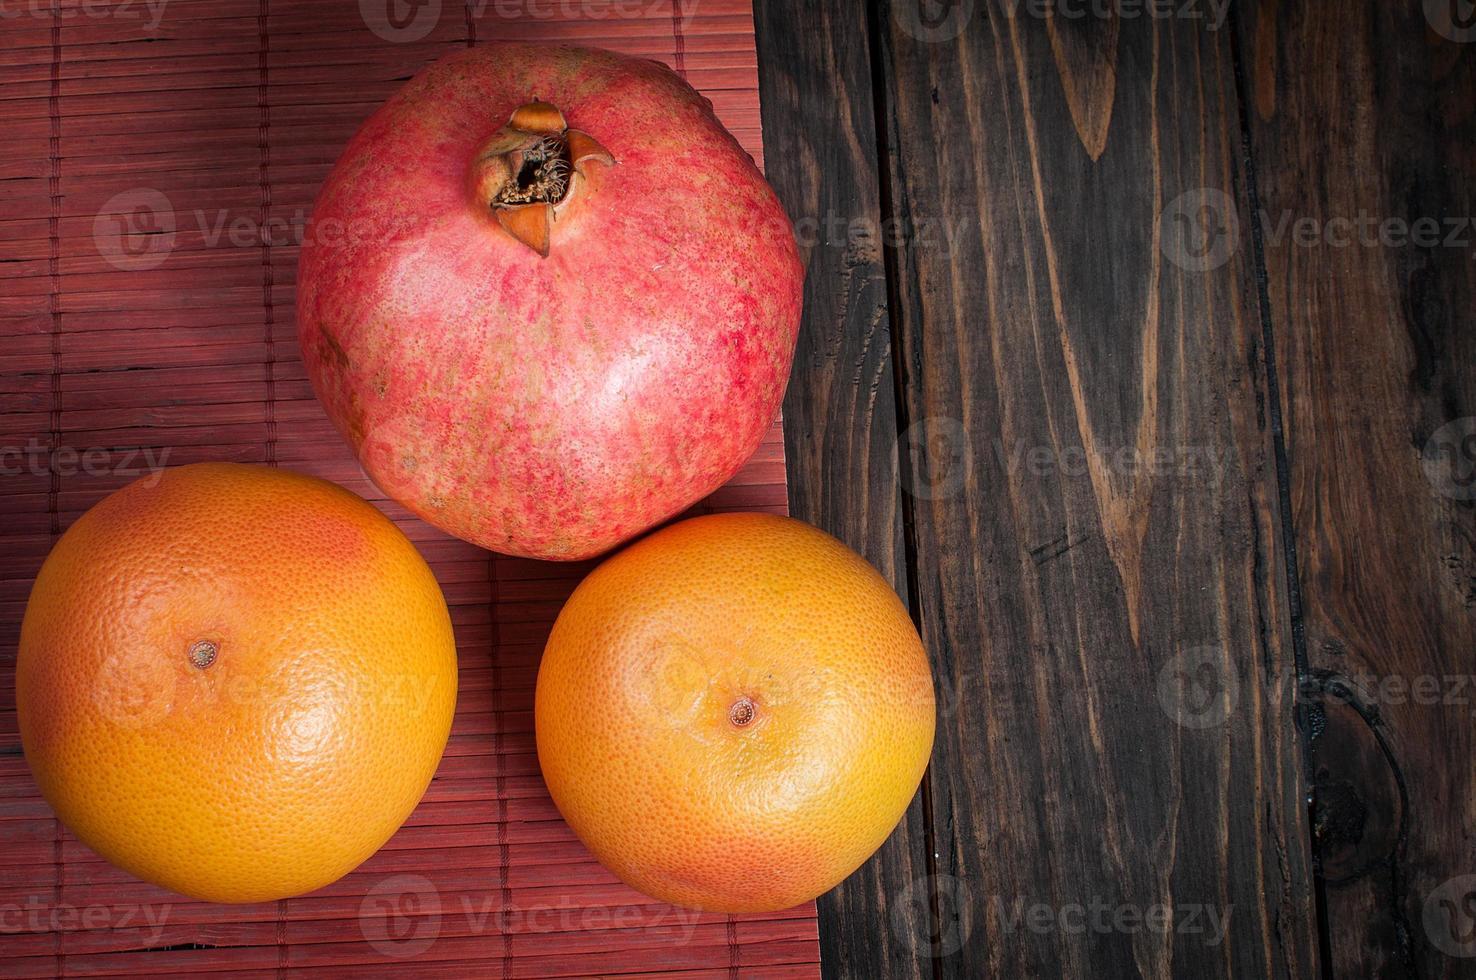 grenade et pamplemousse. variété de fruits sur bois photo